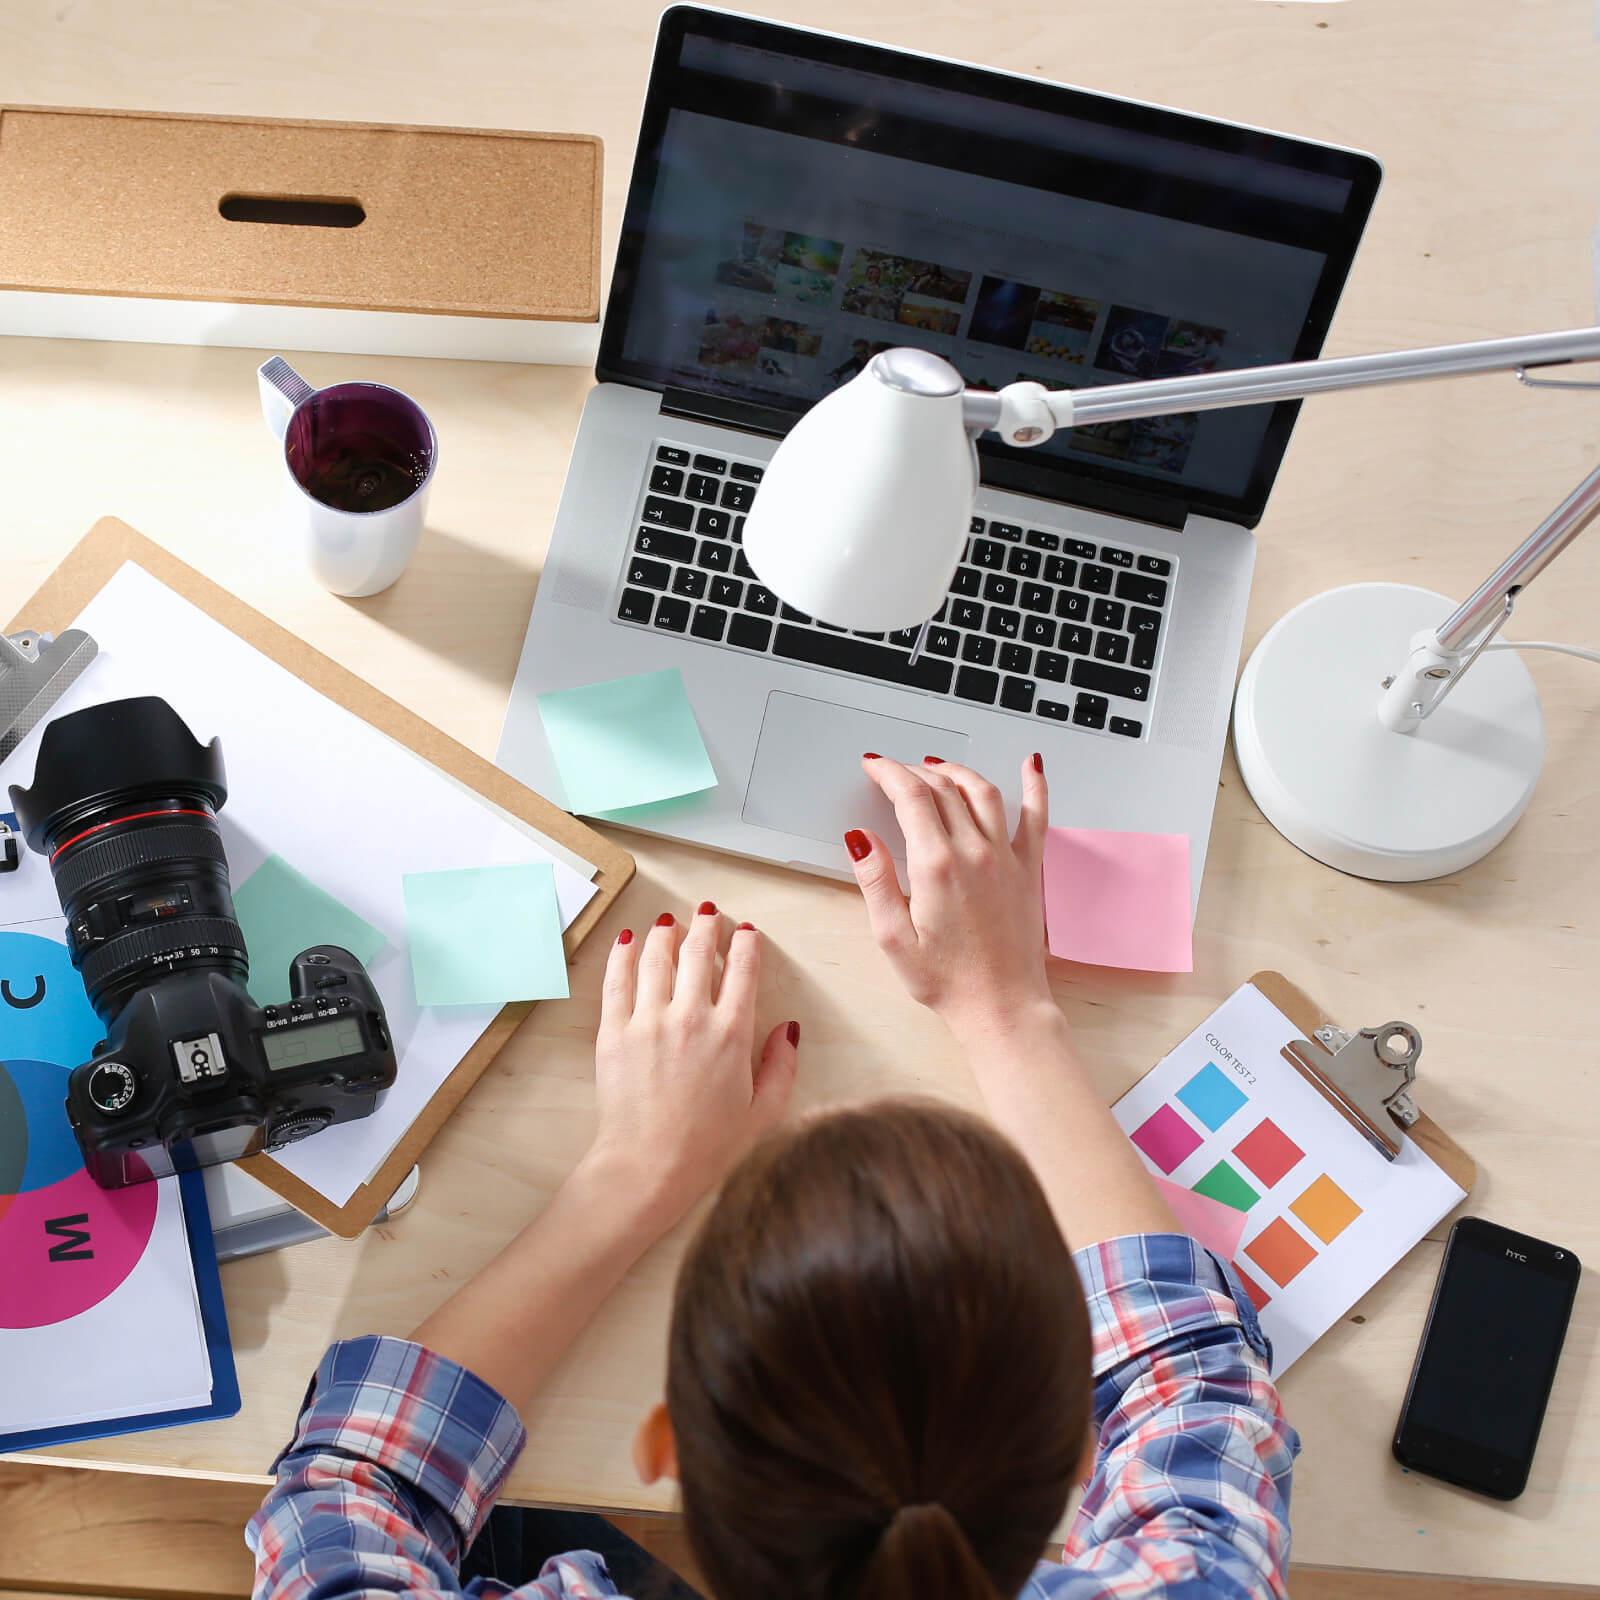 Die besten Laptops für Bildbearbeitung und Fotografen - Netzpiloten.de